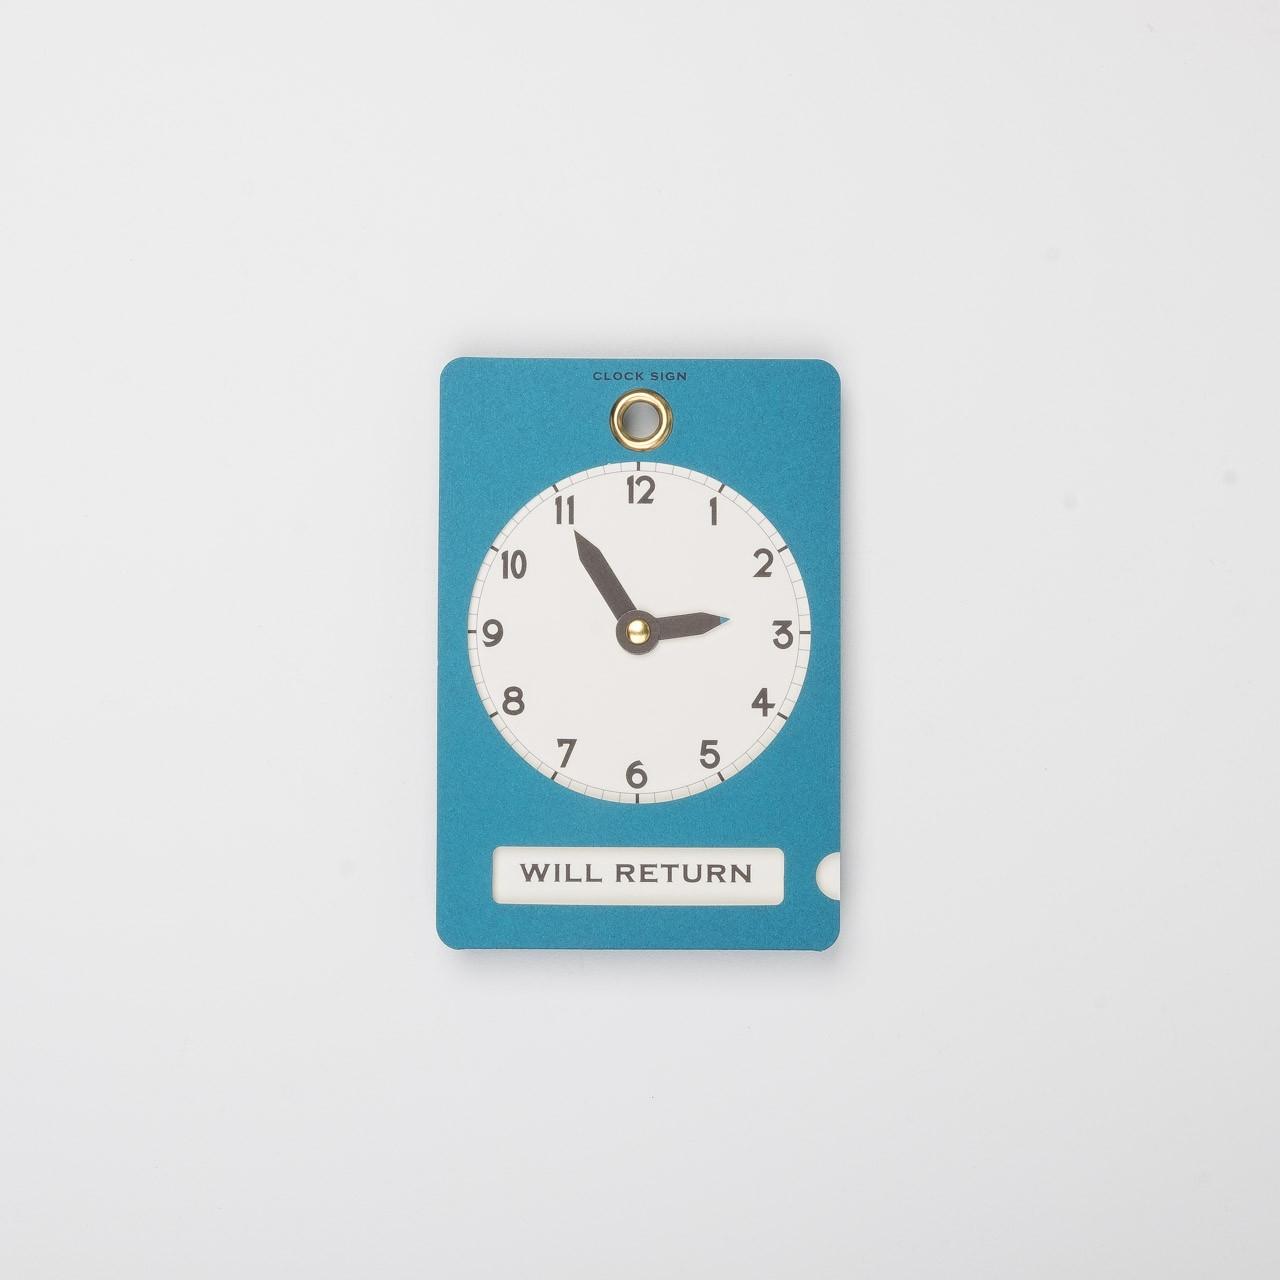 Hinweiskarte mit Uhrzeit